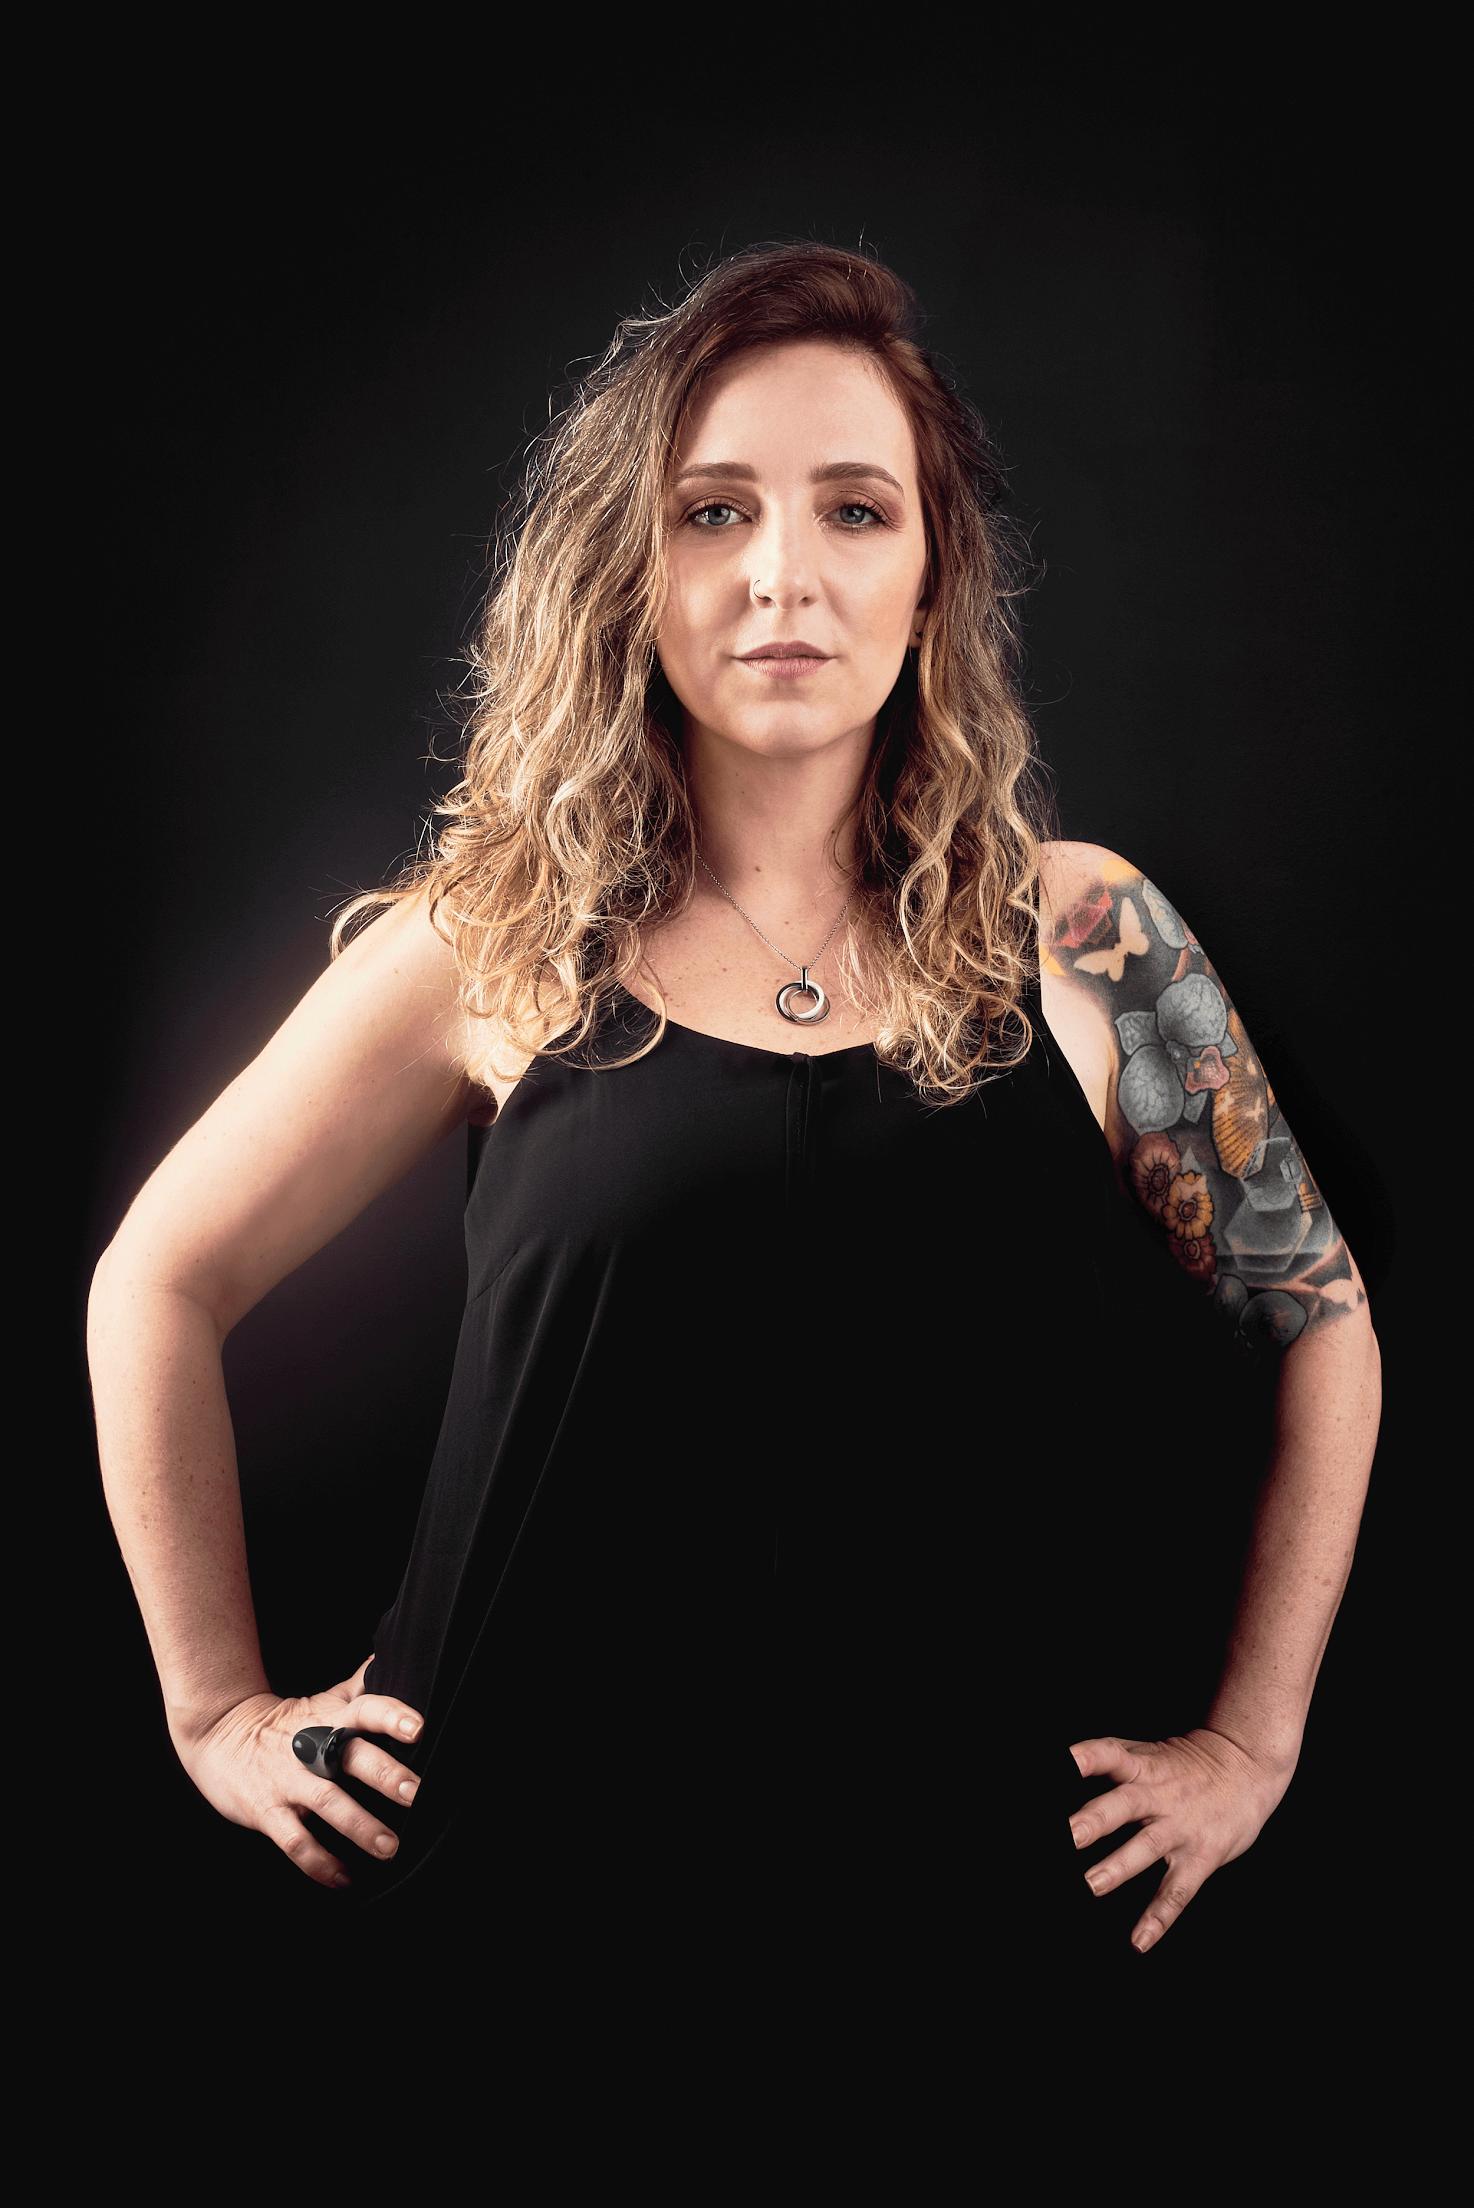 Dani Ribas Profile picture by Patrícia Soransso